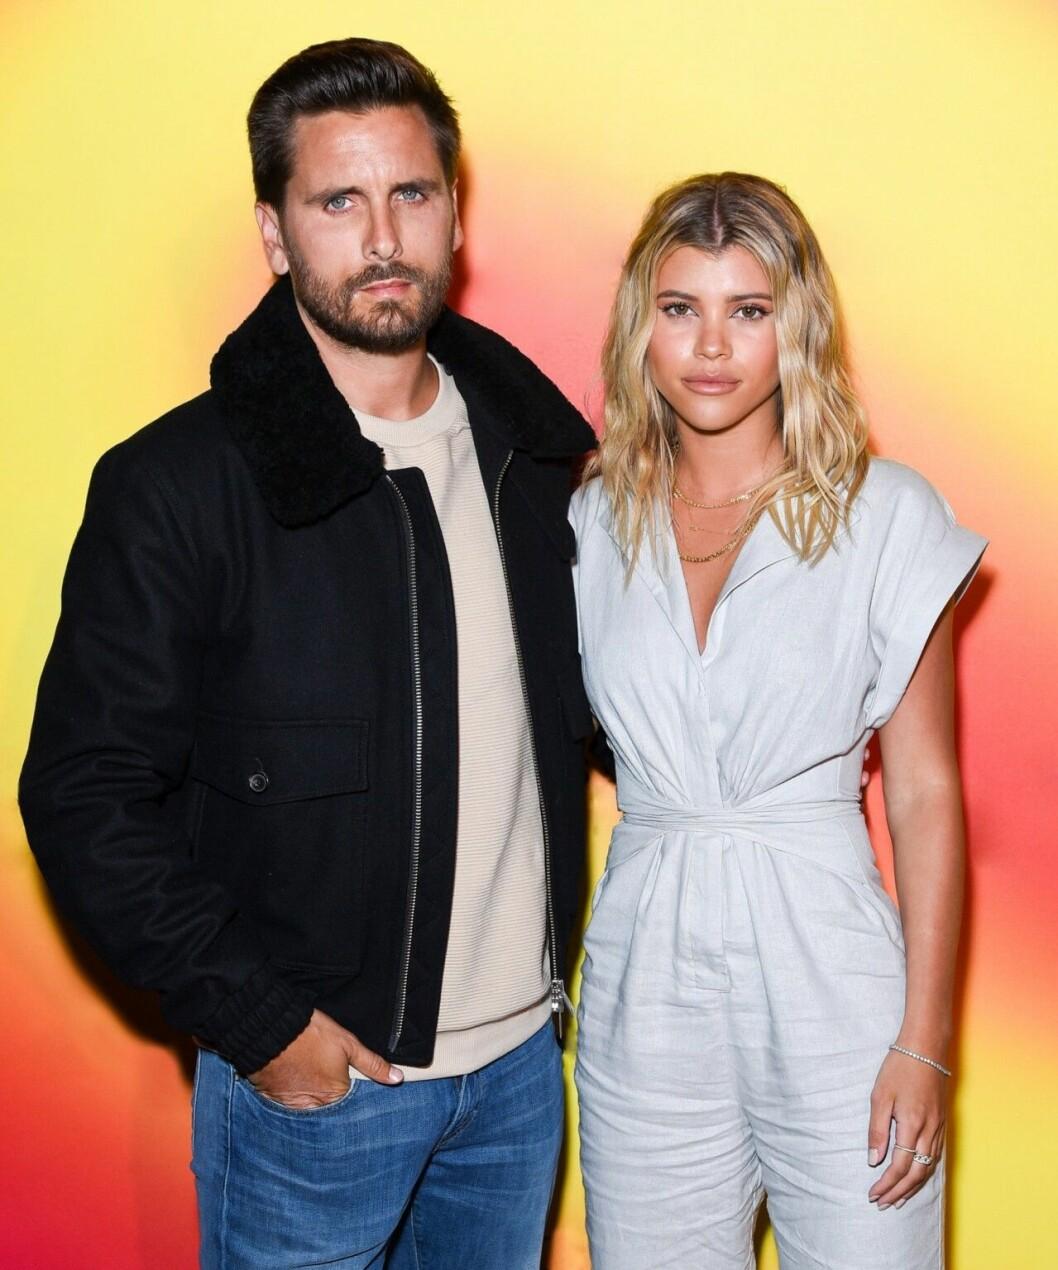 Scott och Sofia